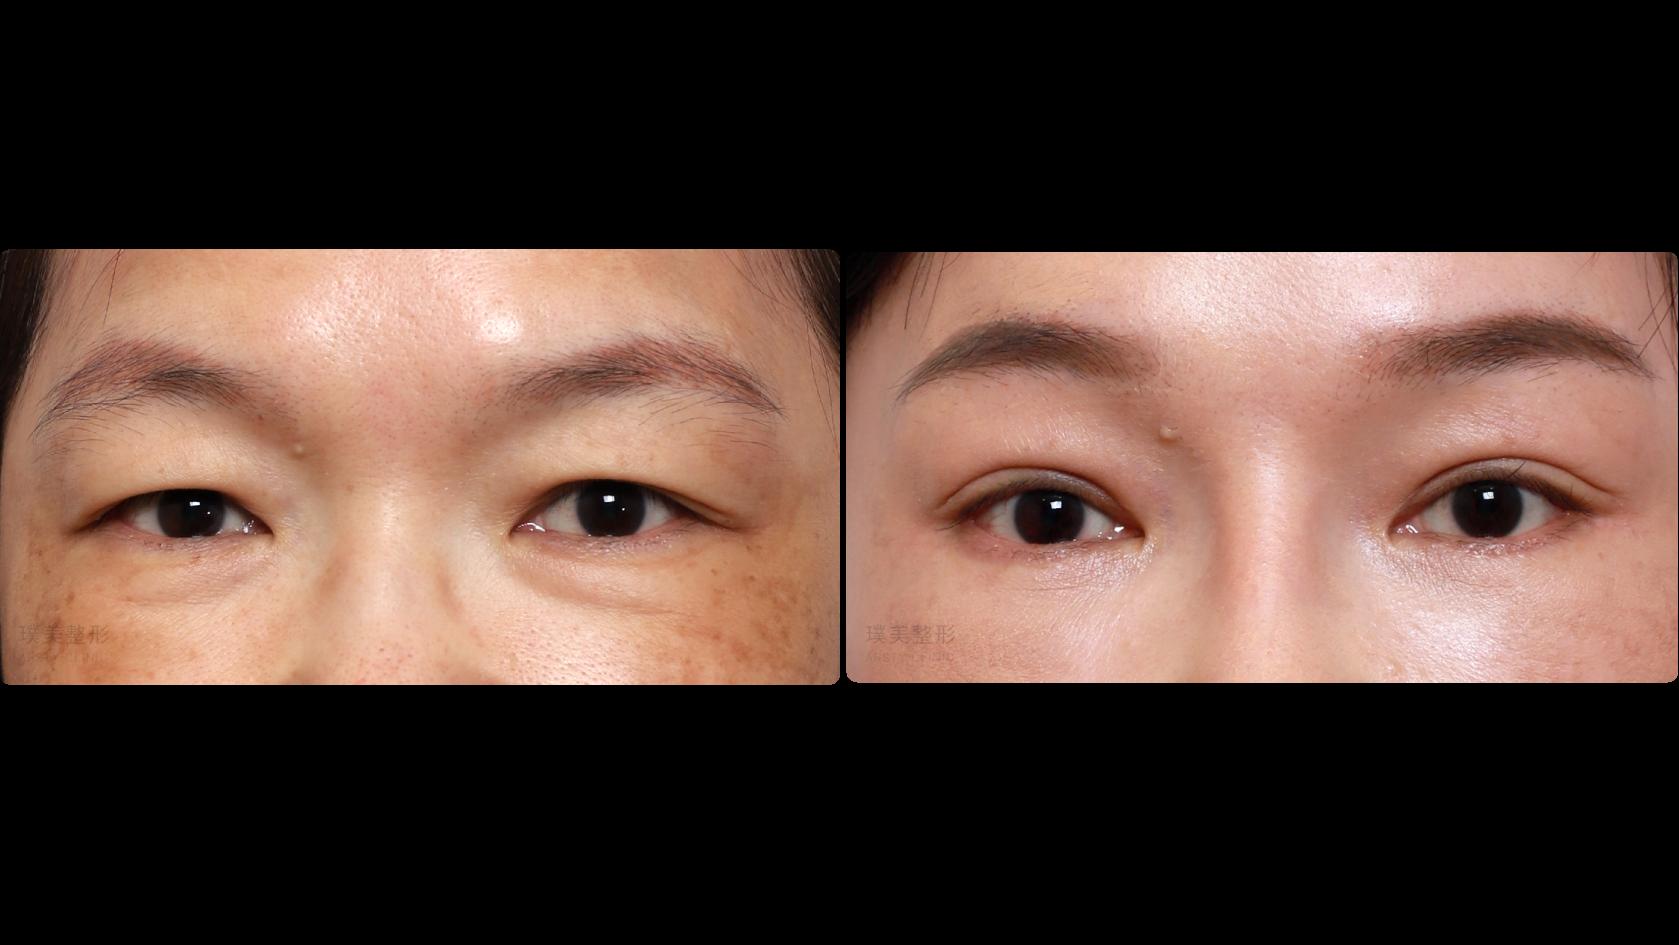 縫雙眼皮|外開眼袋|自體補脂淚溝|內視鏡提眉